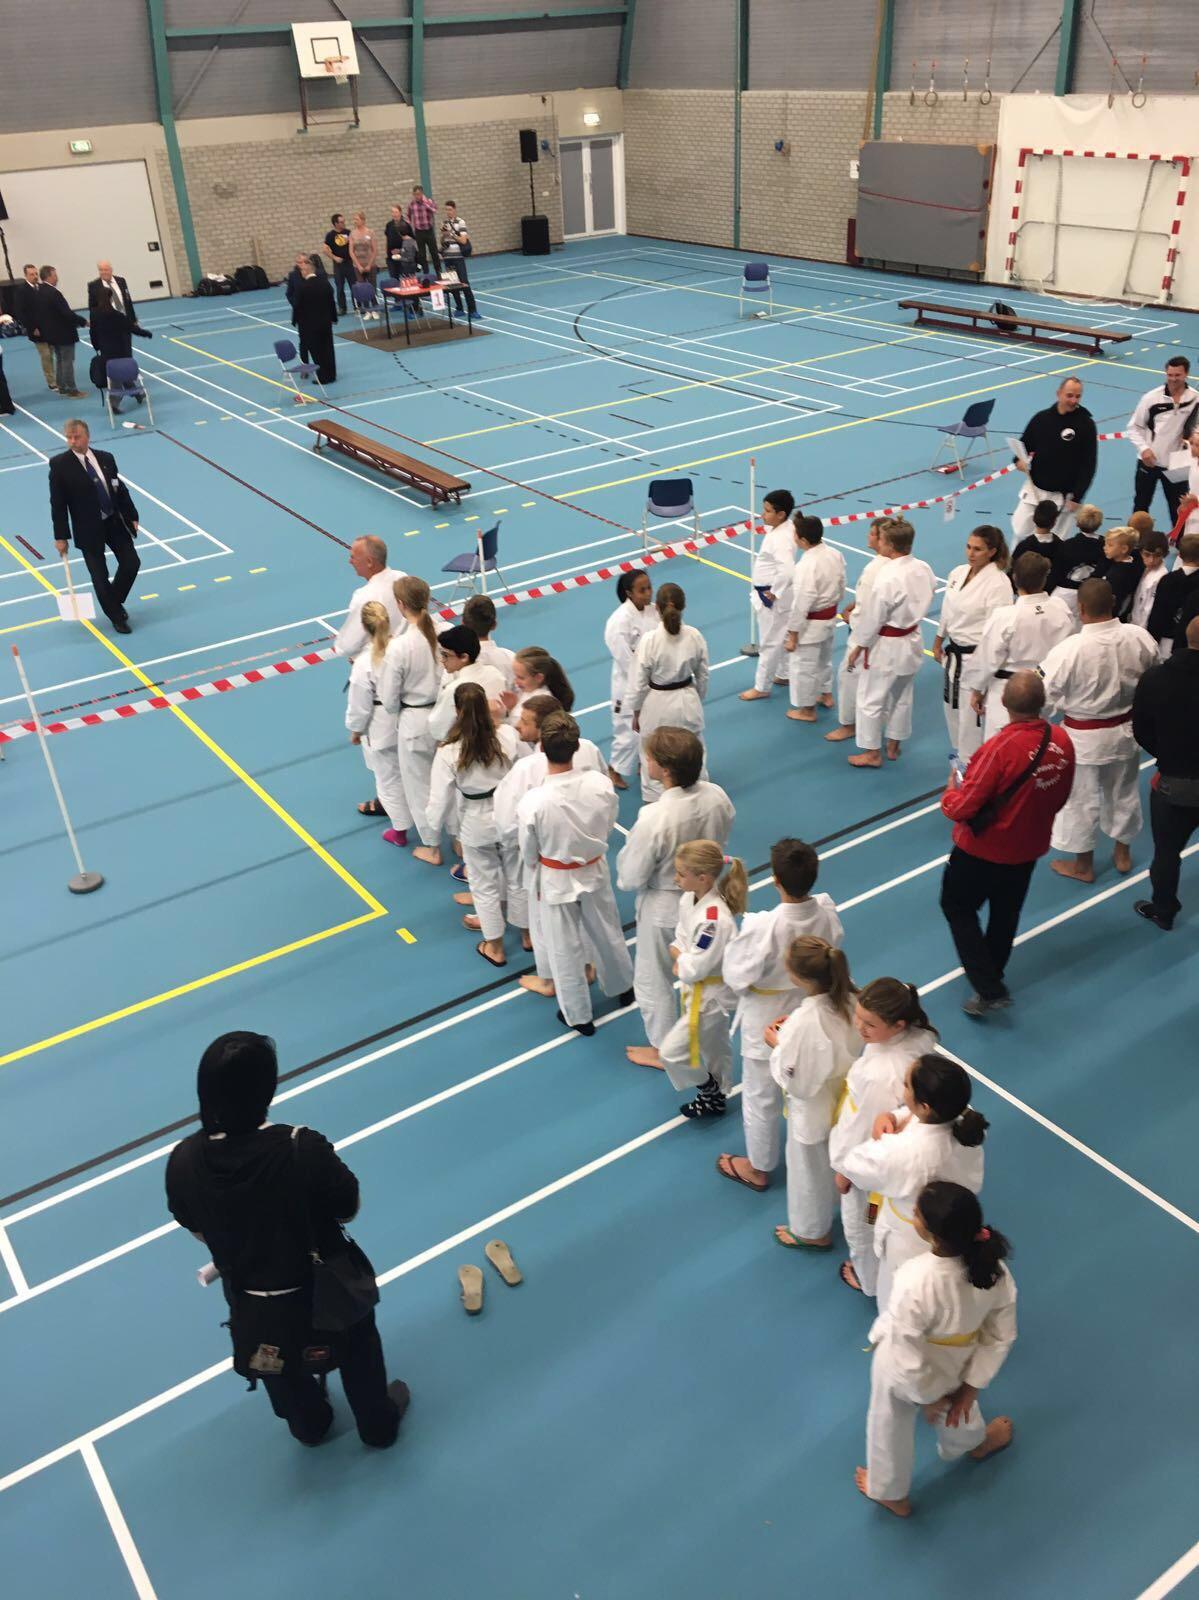 Dit is een foto van judoka's van Sportinstituut Frits van der Werff Hoorn. Een bandenexamen voor judo